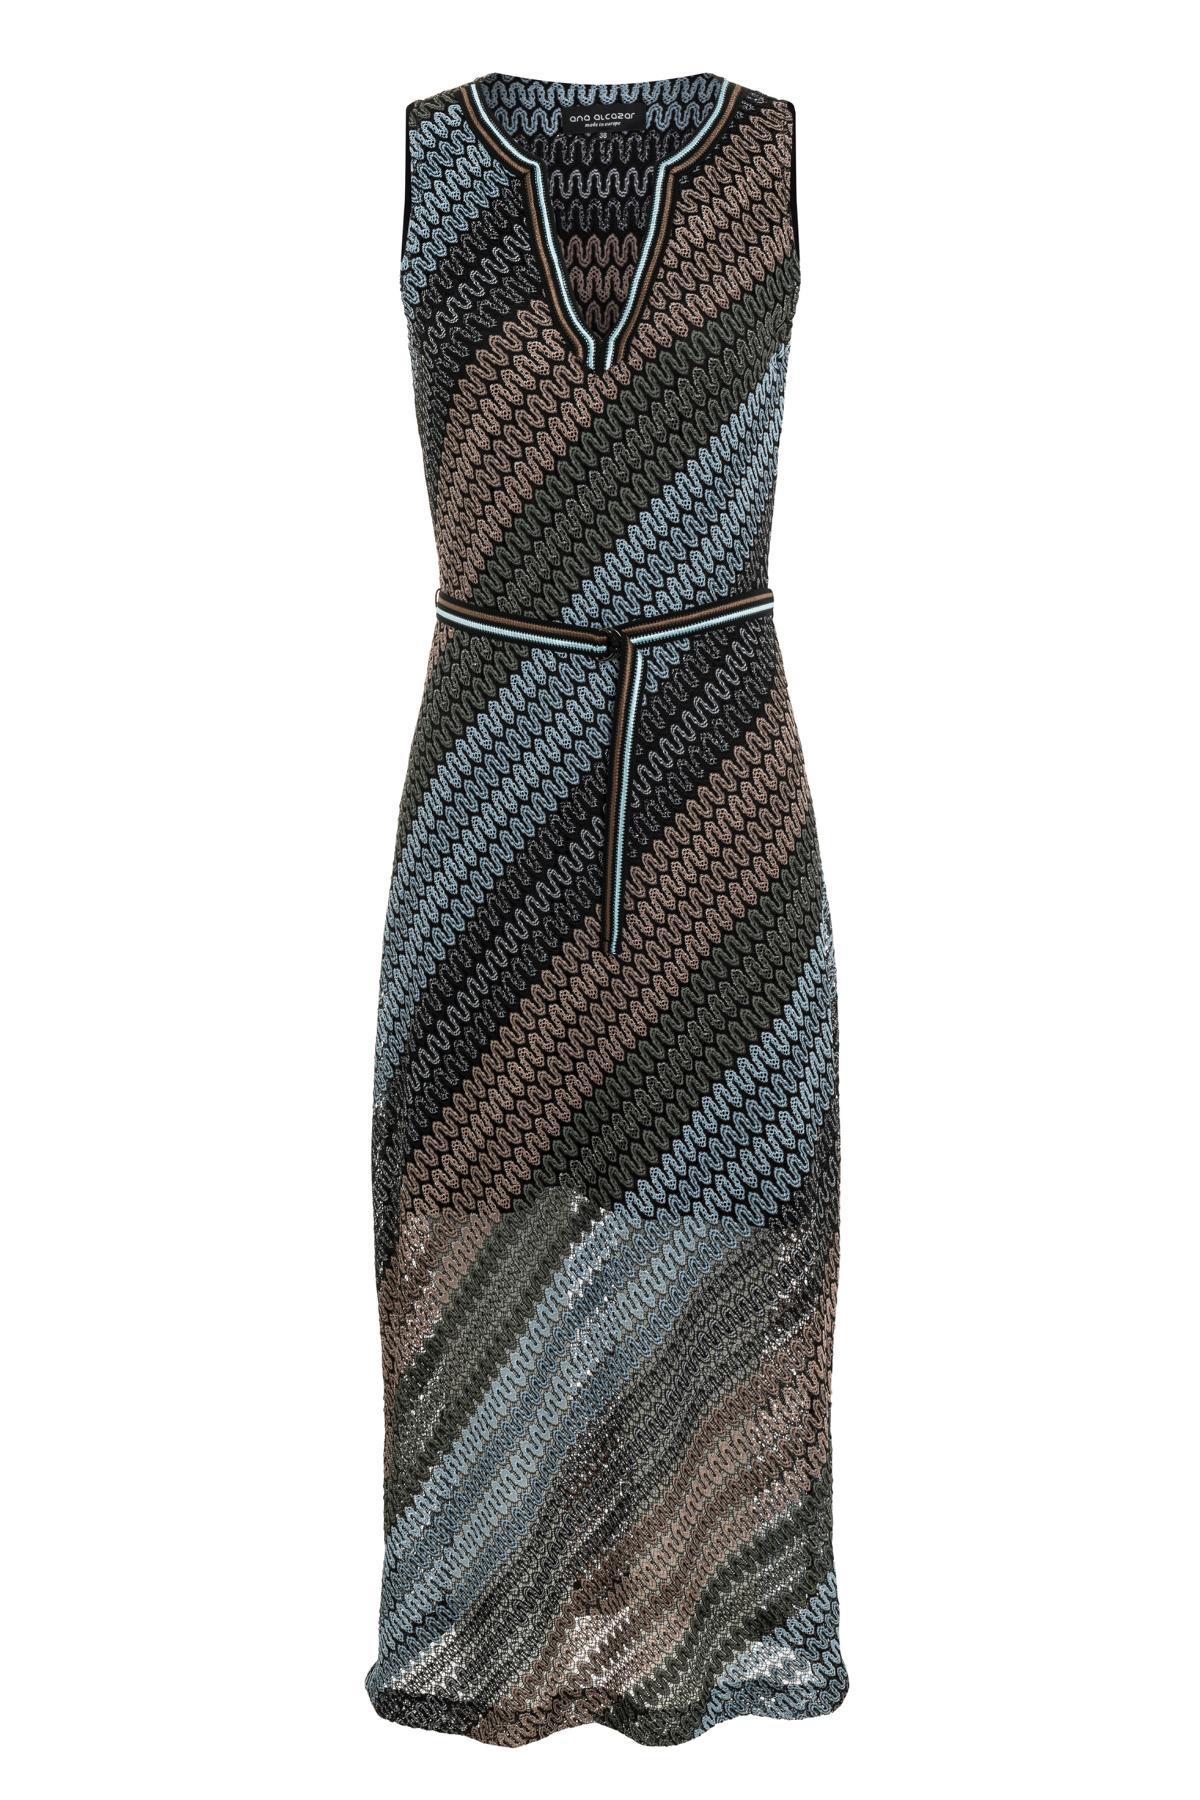 7ea794b34f3bf7 Lange gebreid jurk Sowota in blauw-bruin met diagonale strepen